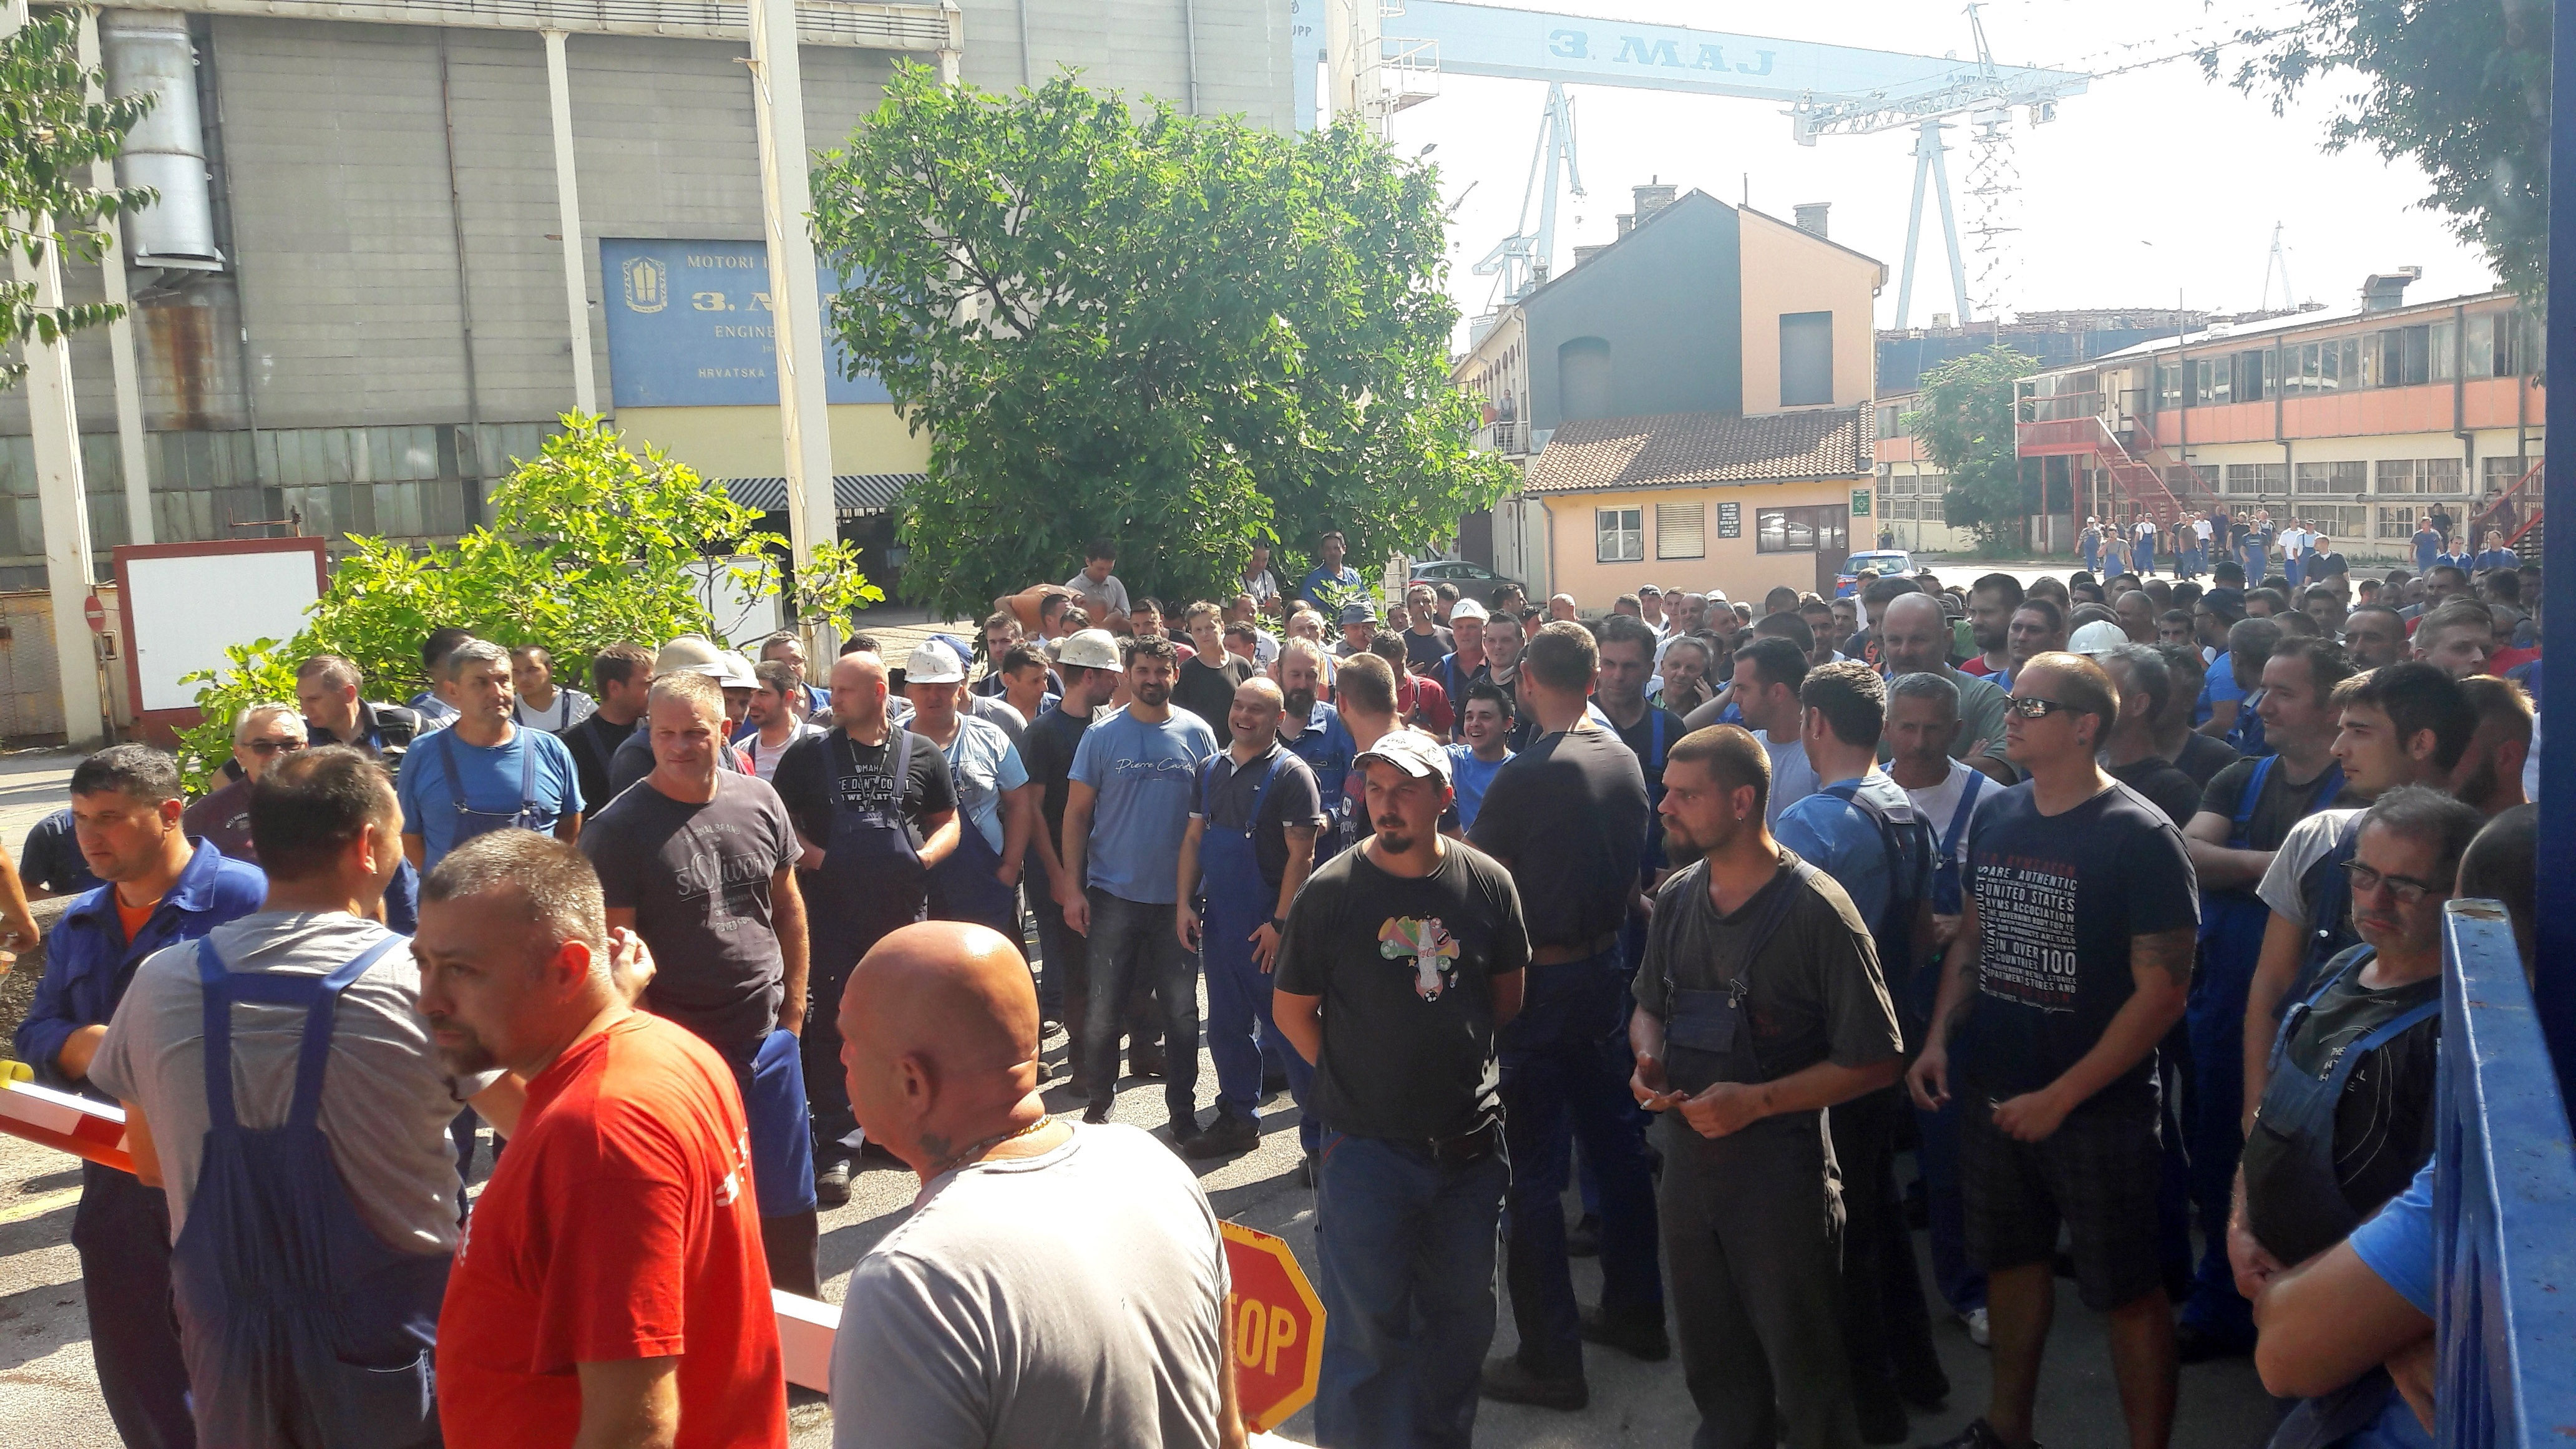 Četiristo radnika 3. maja prijavilo se za odlazak u Zagreb